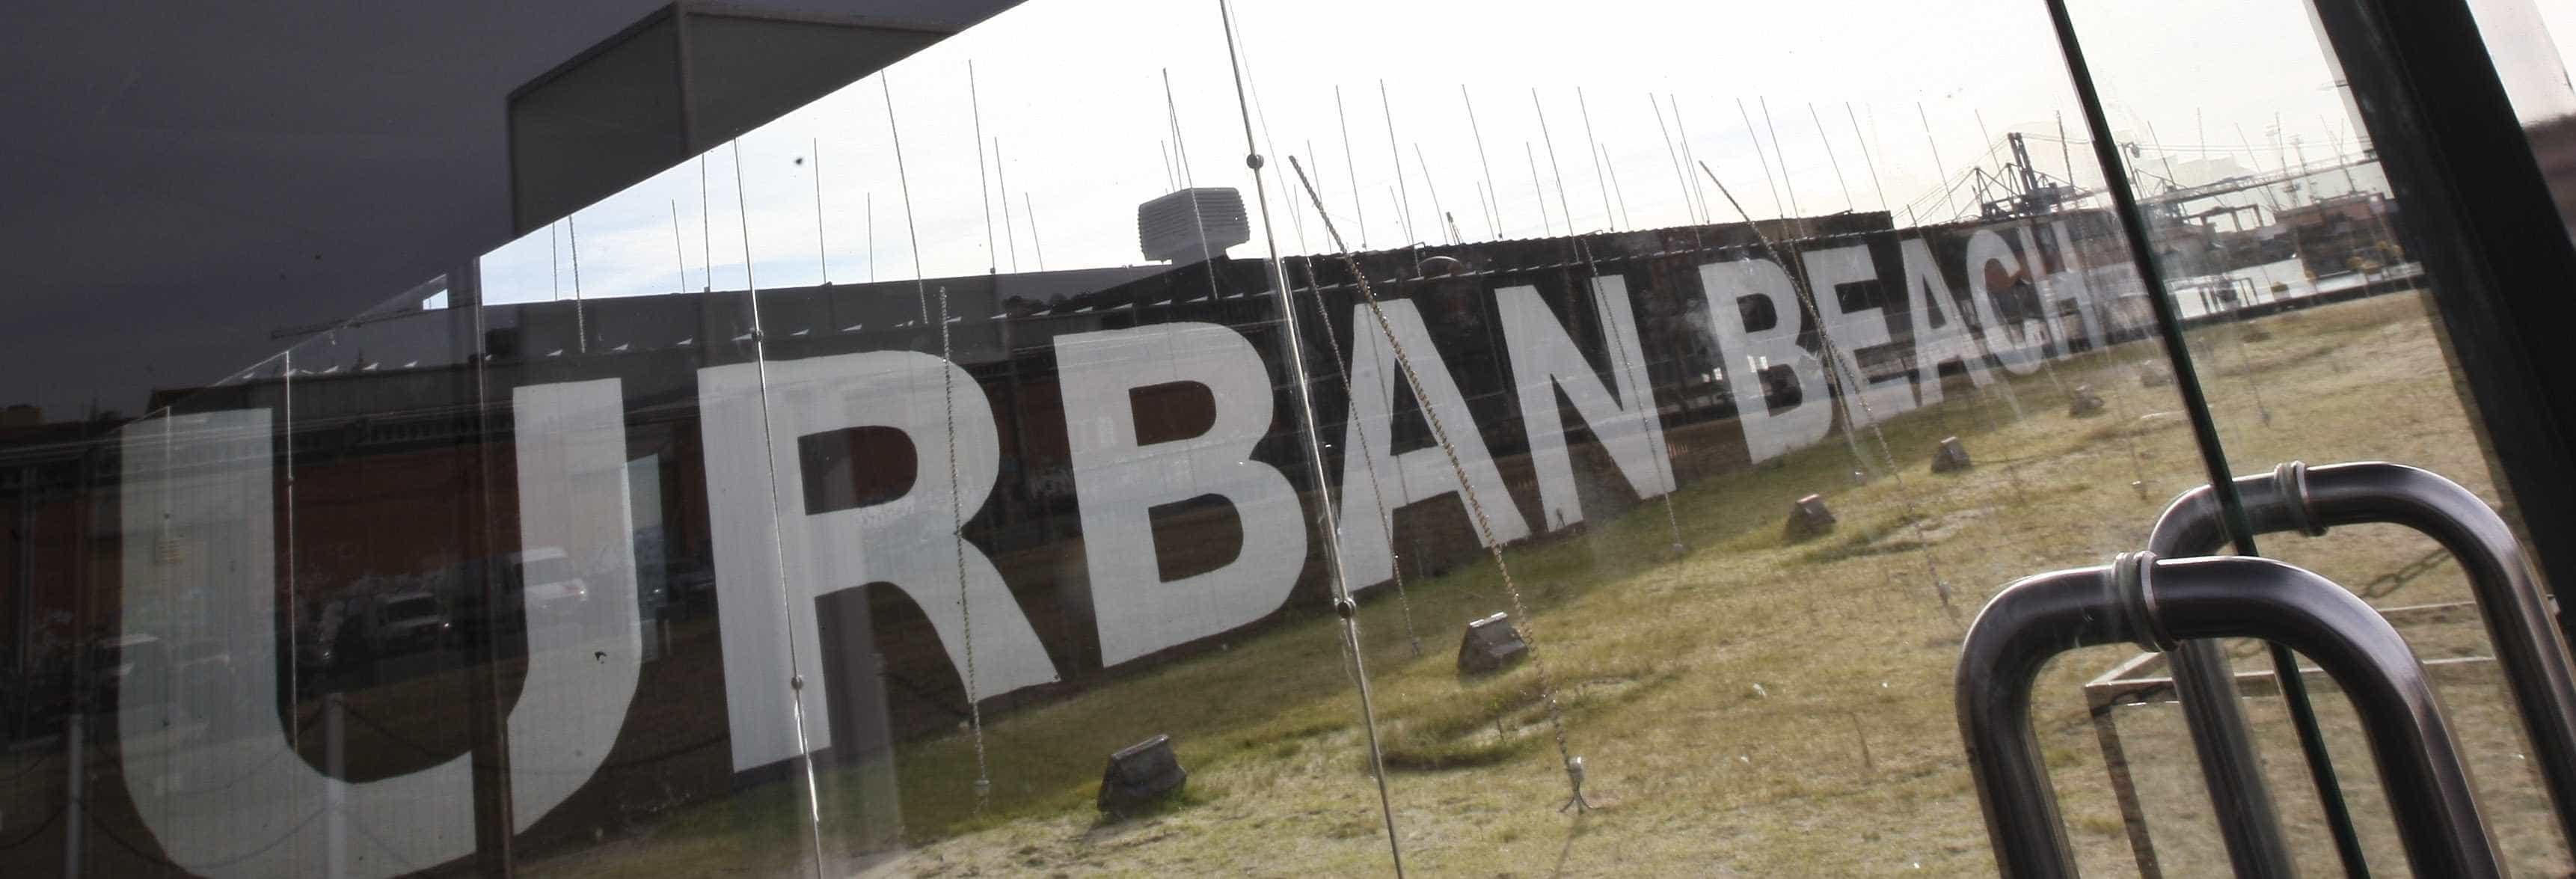 Juíza de instrução leva a julgamento três ex-seguranças do Urban Beach